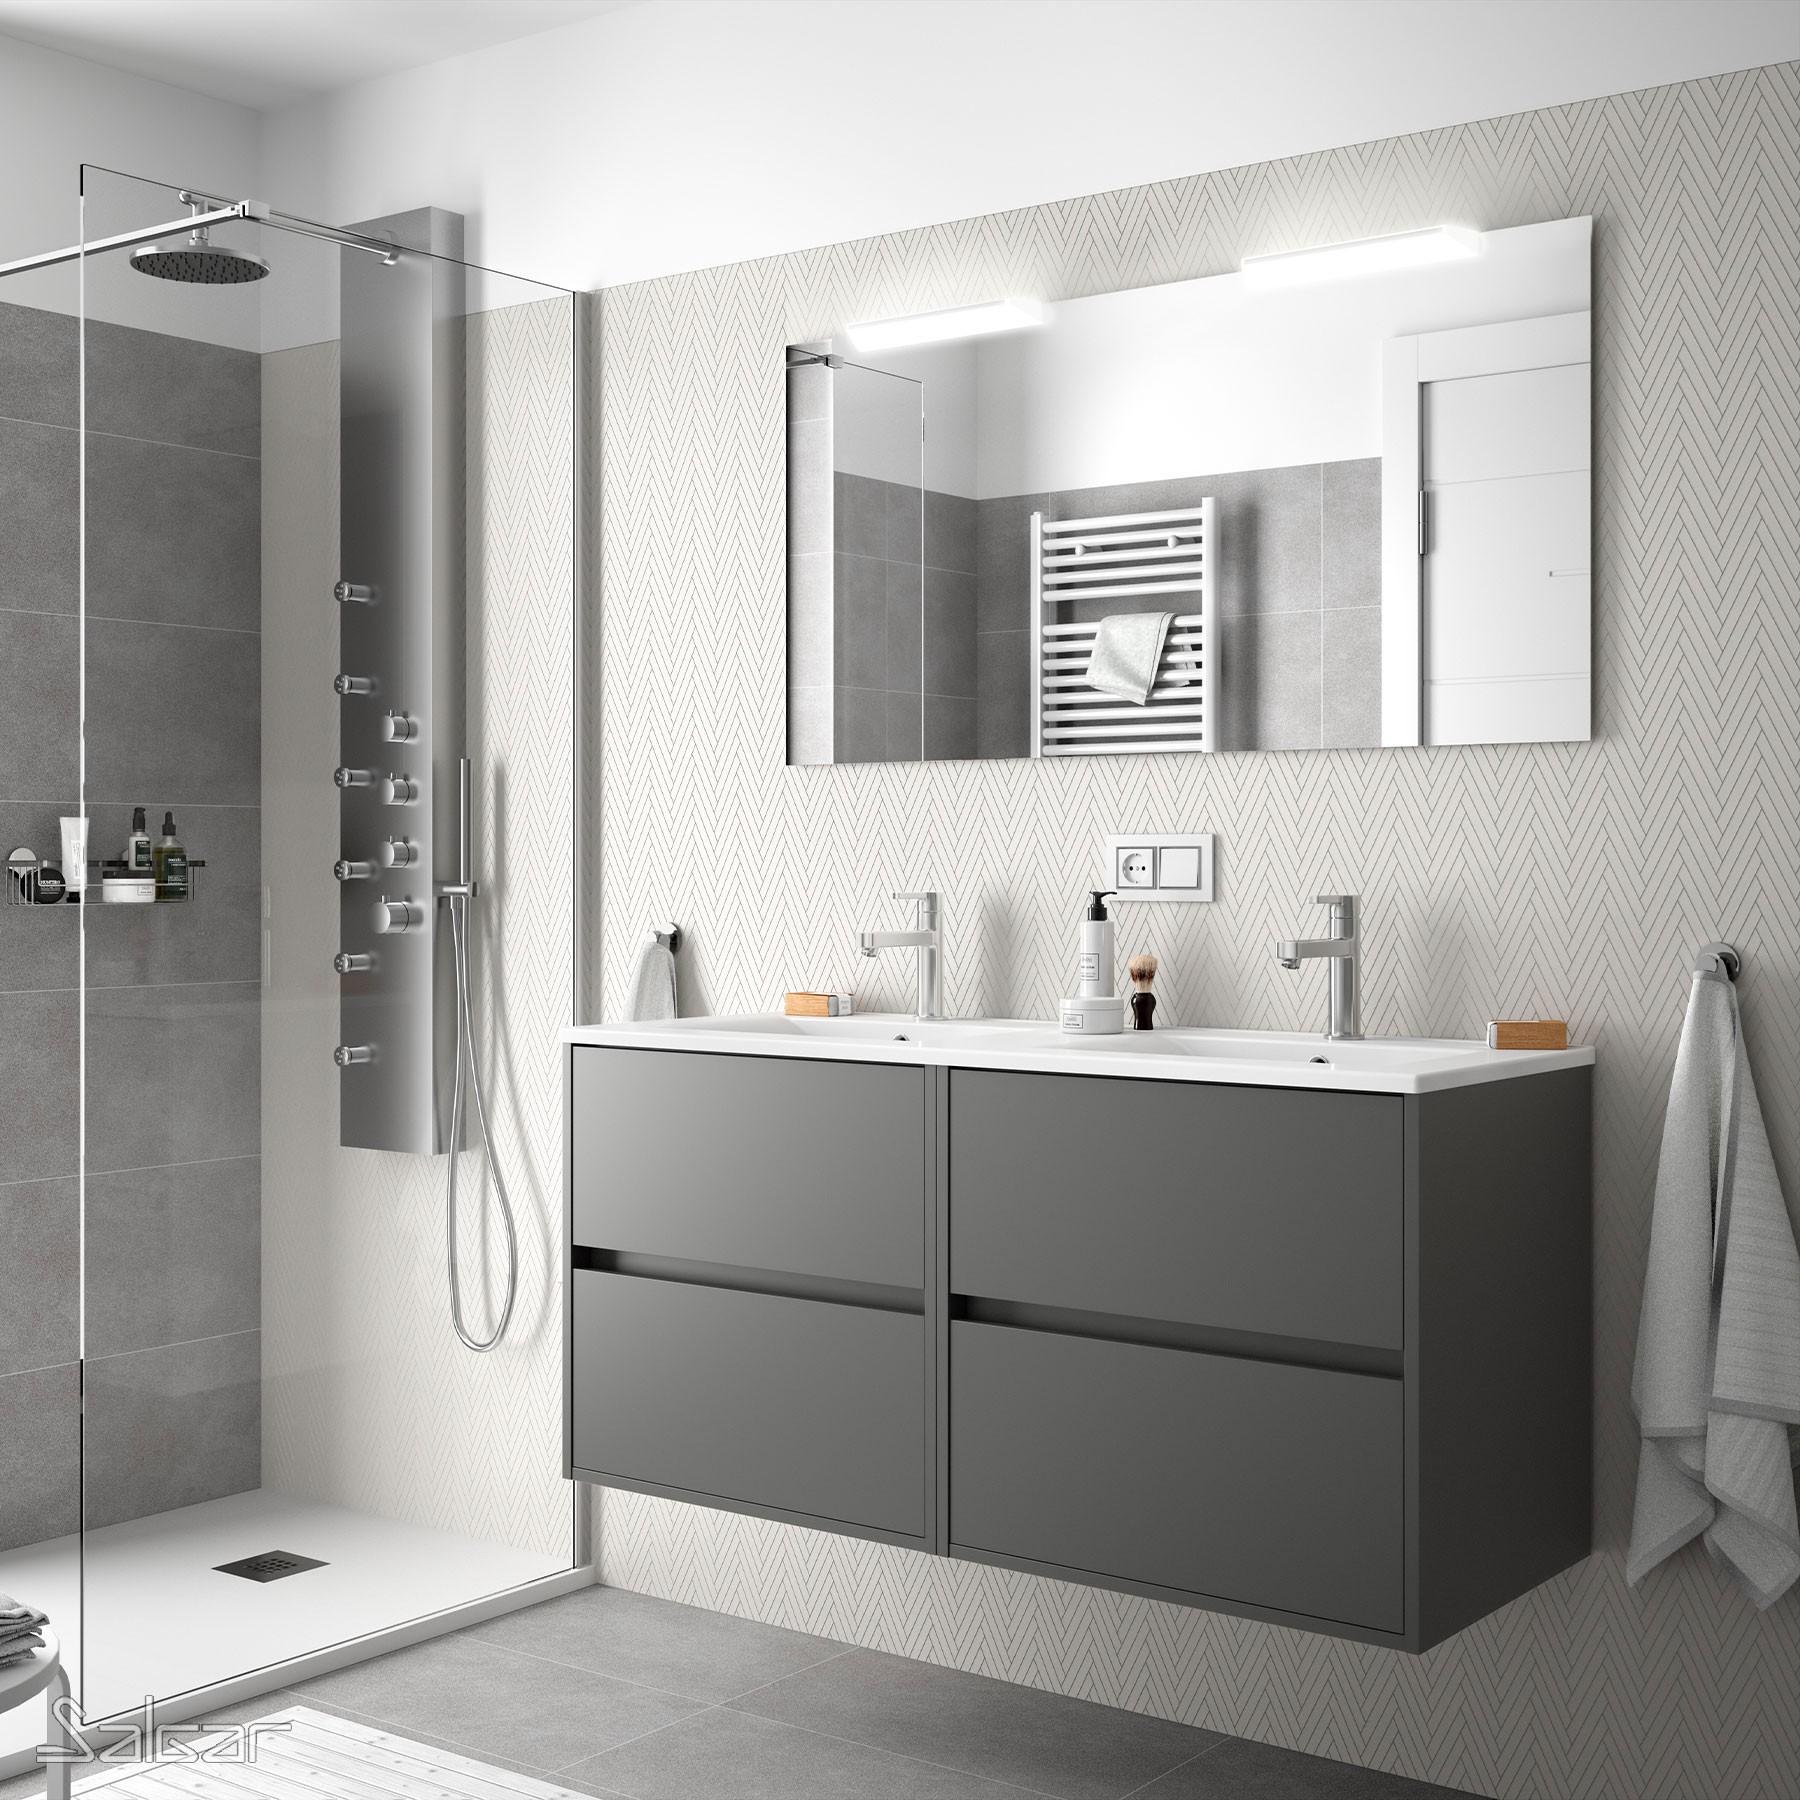 salle de bain noja 1200 gris mat vasque miroir applique